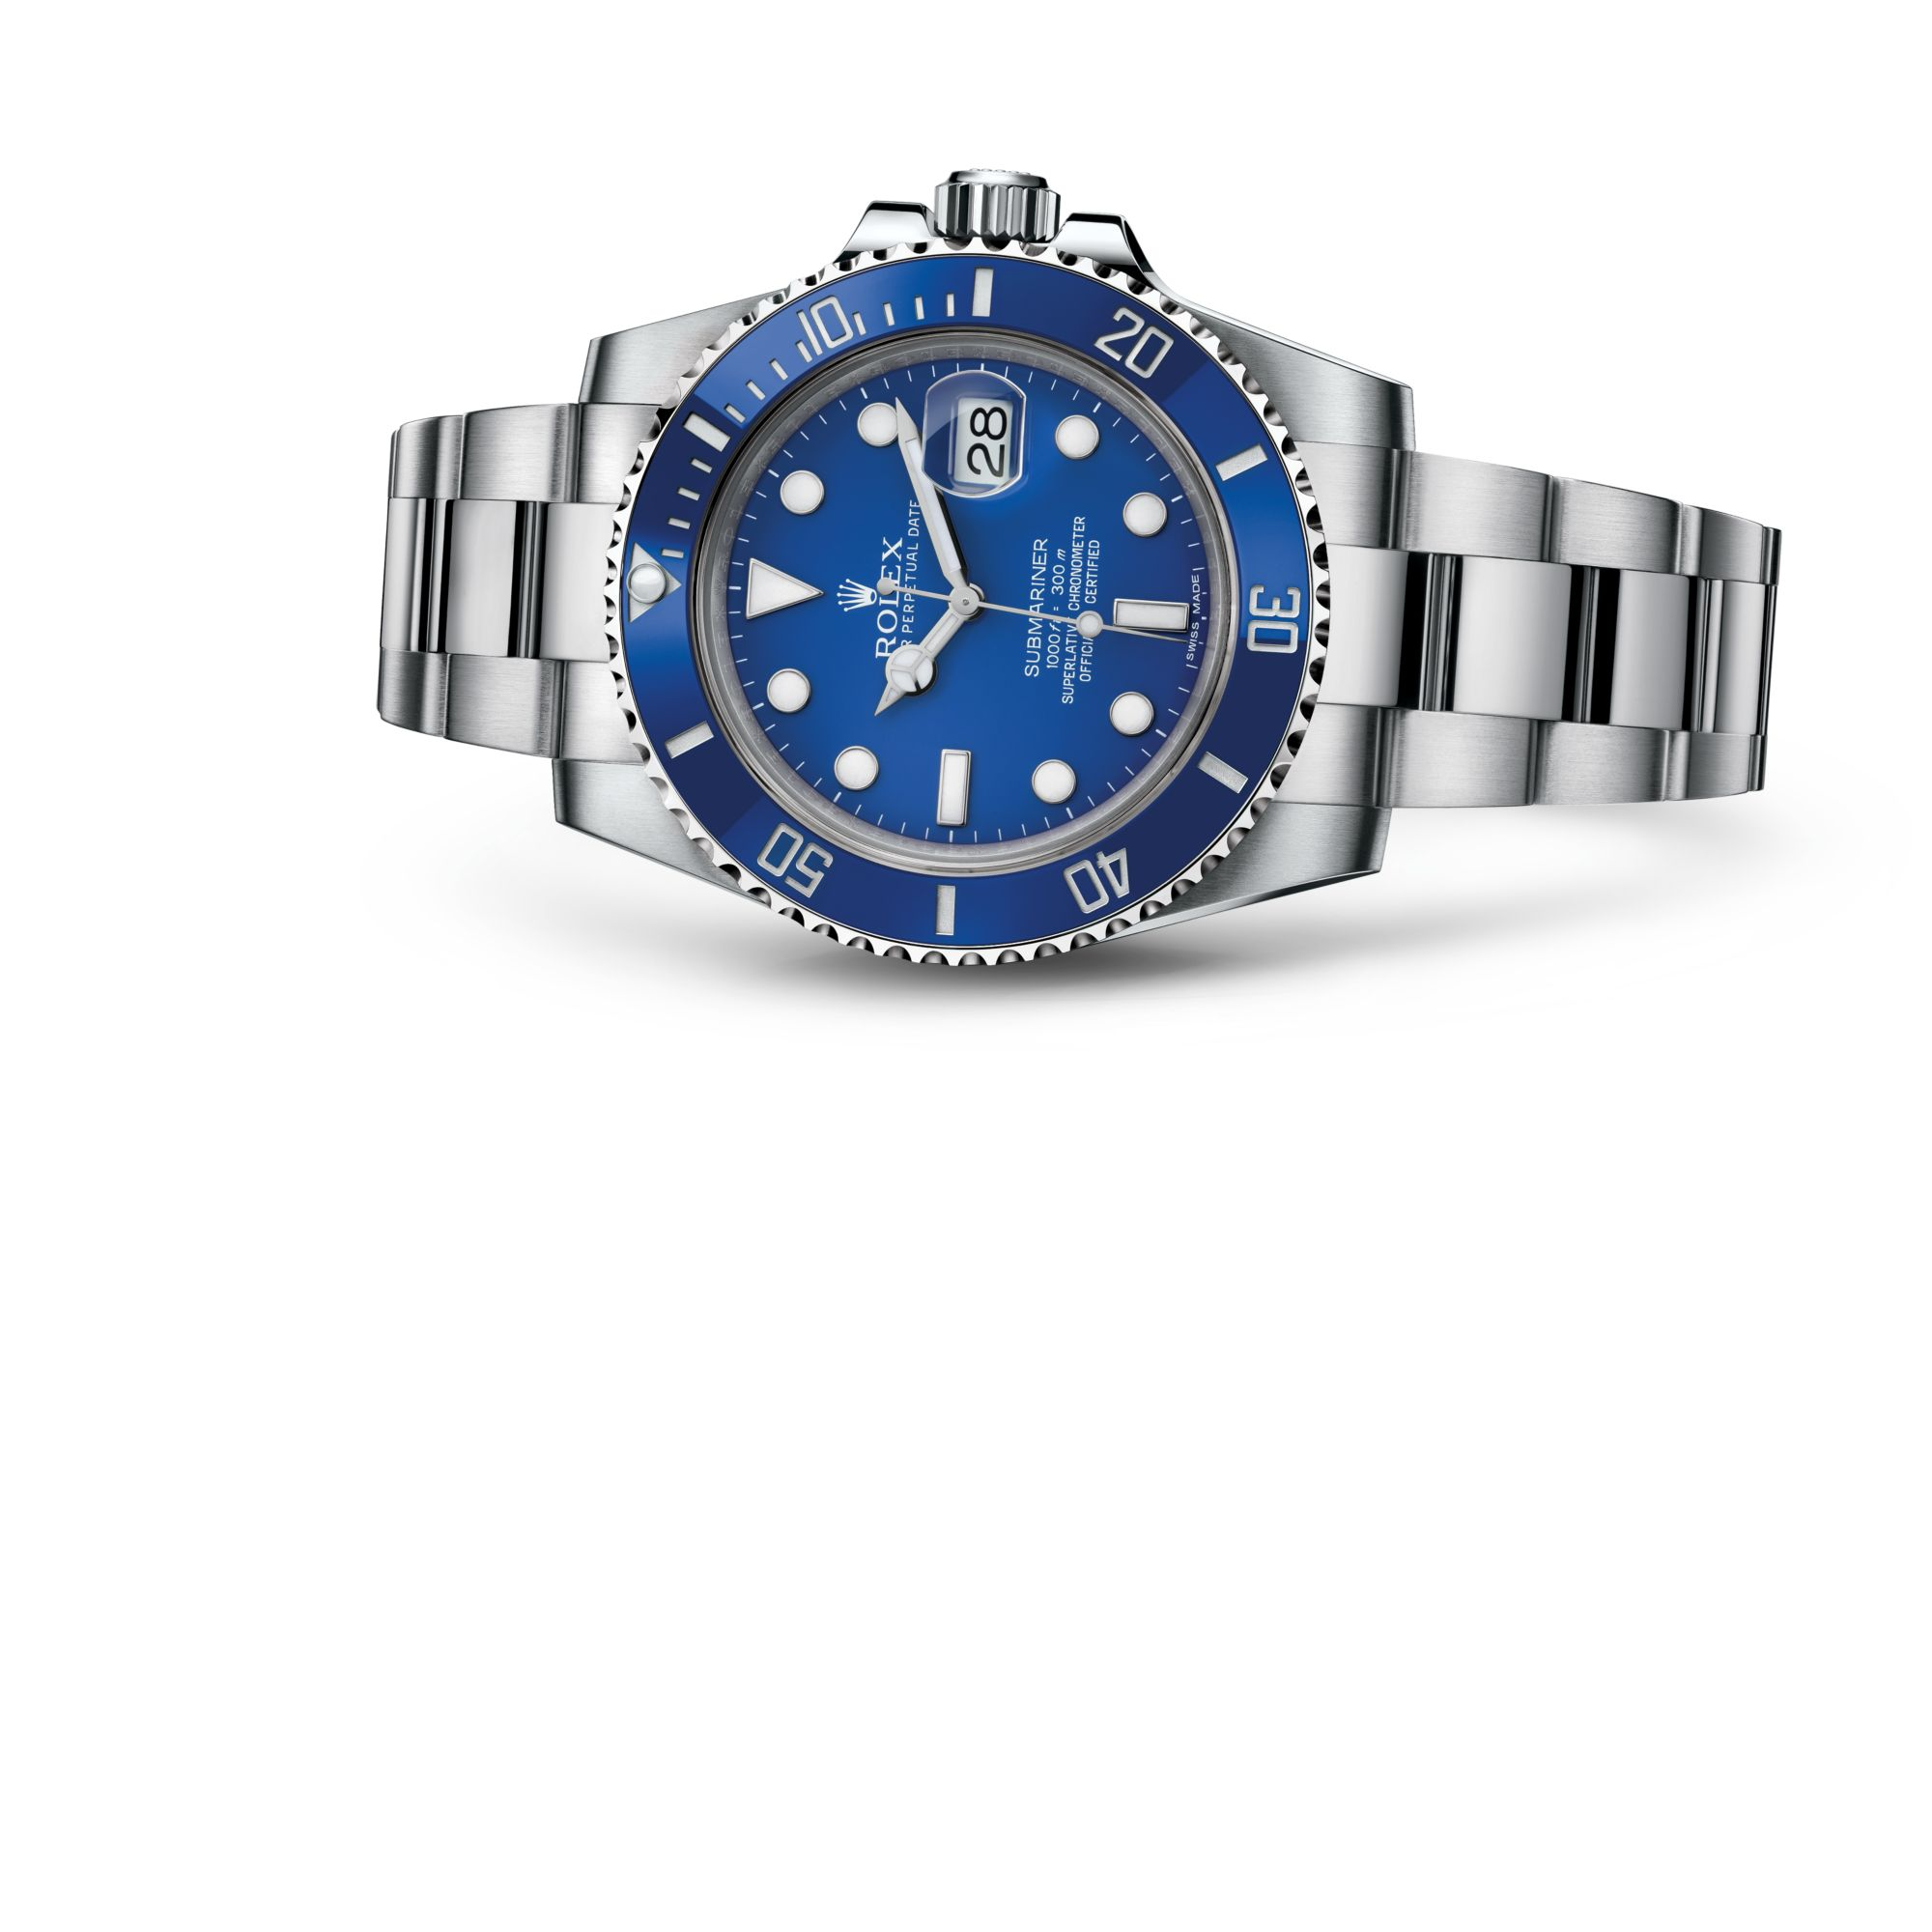 Rolex Submariner Date M116619LB-0001